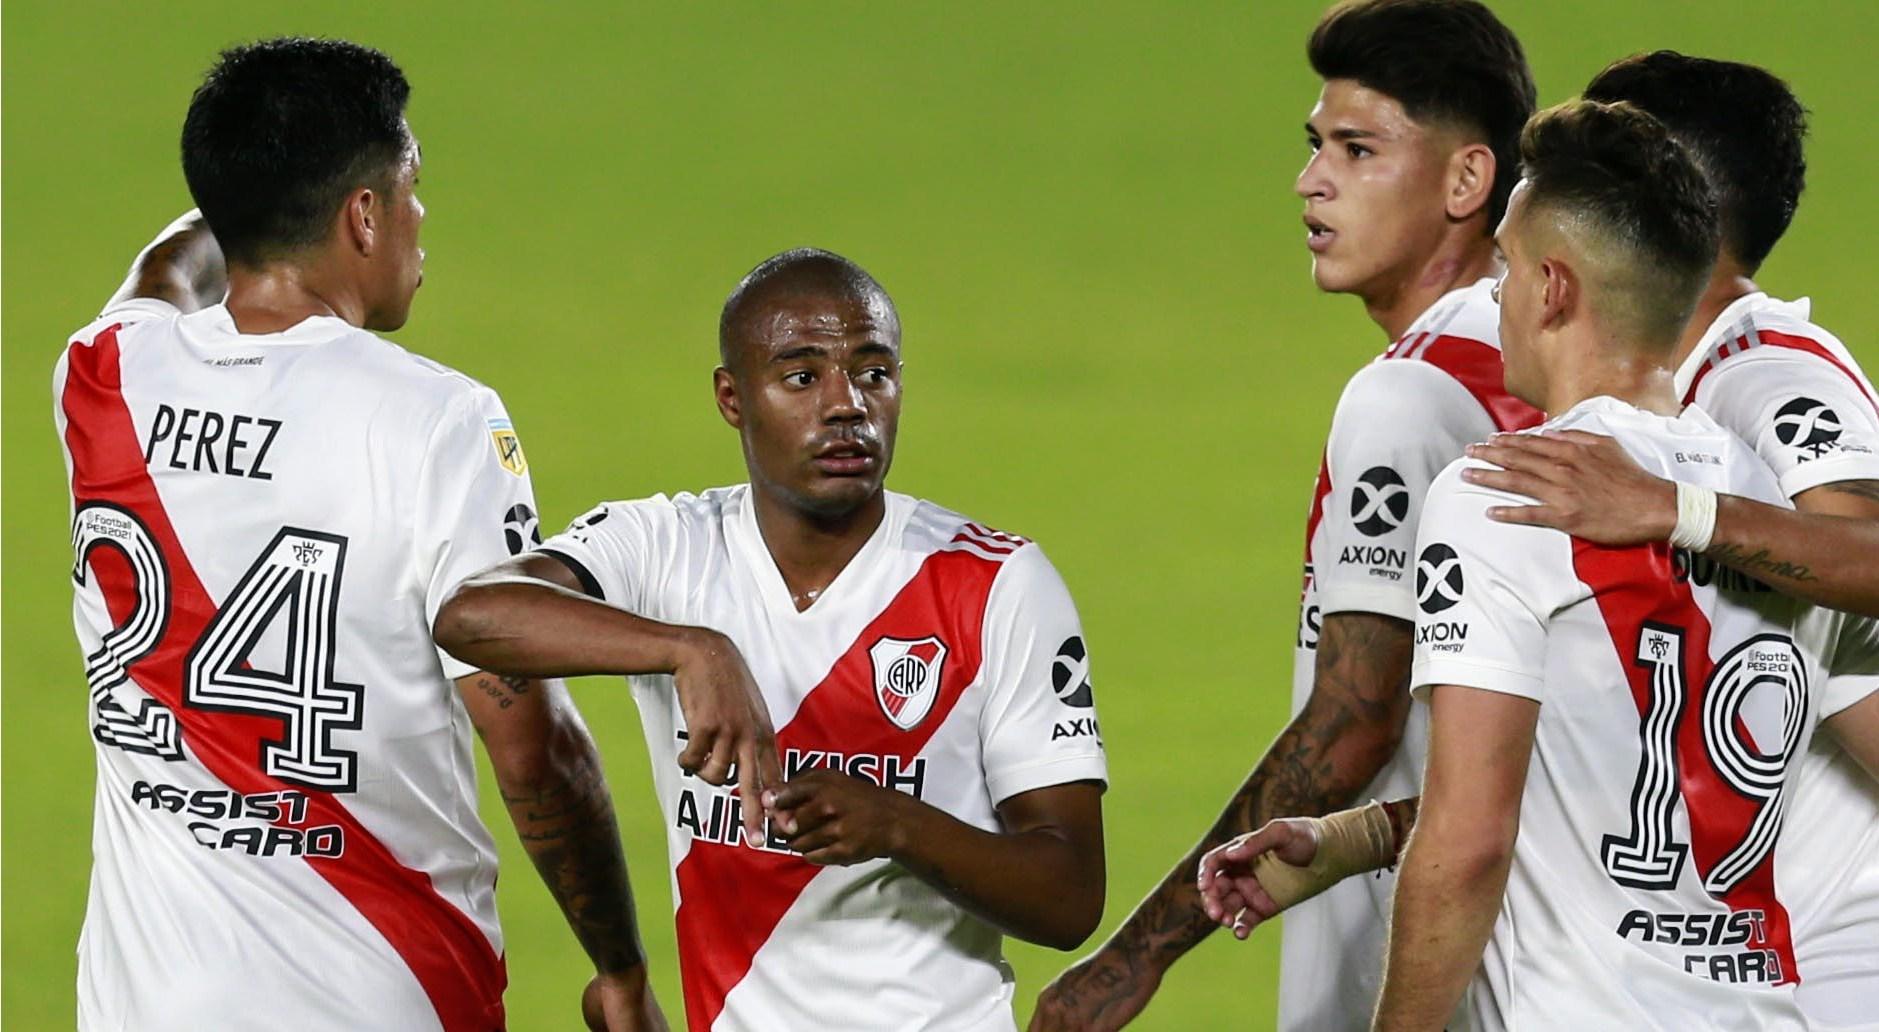 platense-vs.-river-por-copa-liga-profesional-2021:-hora,-tv-y-formaciones